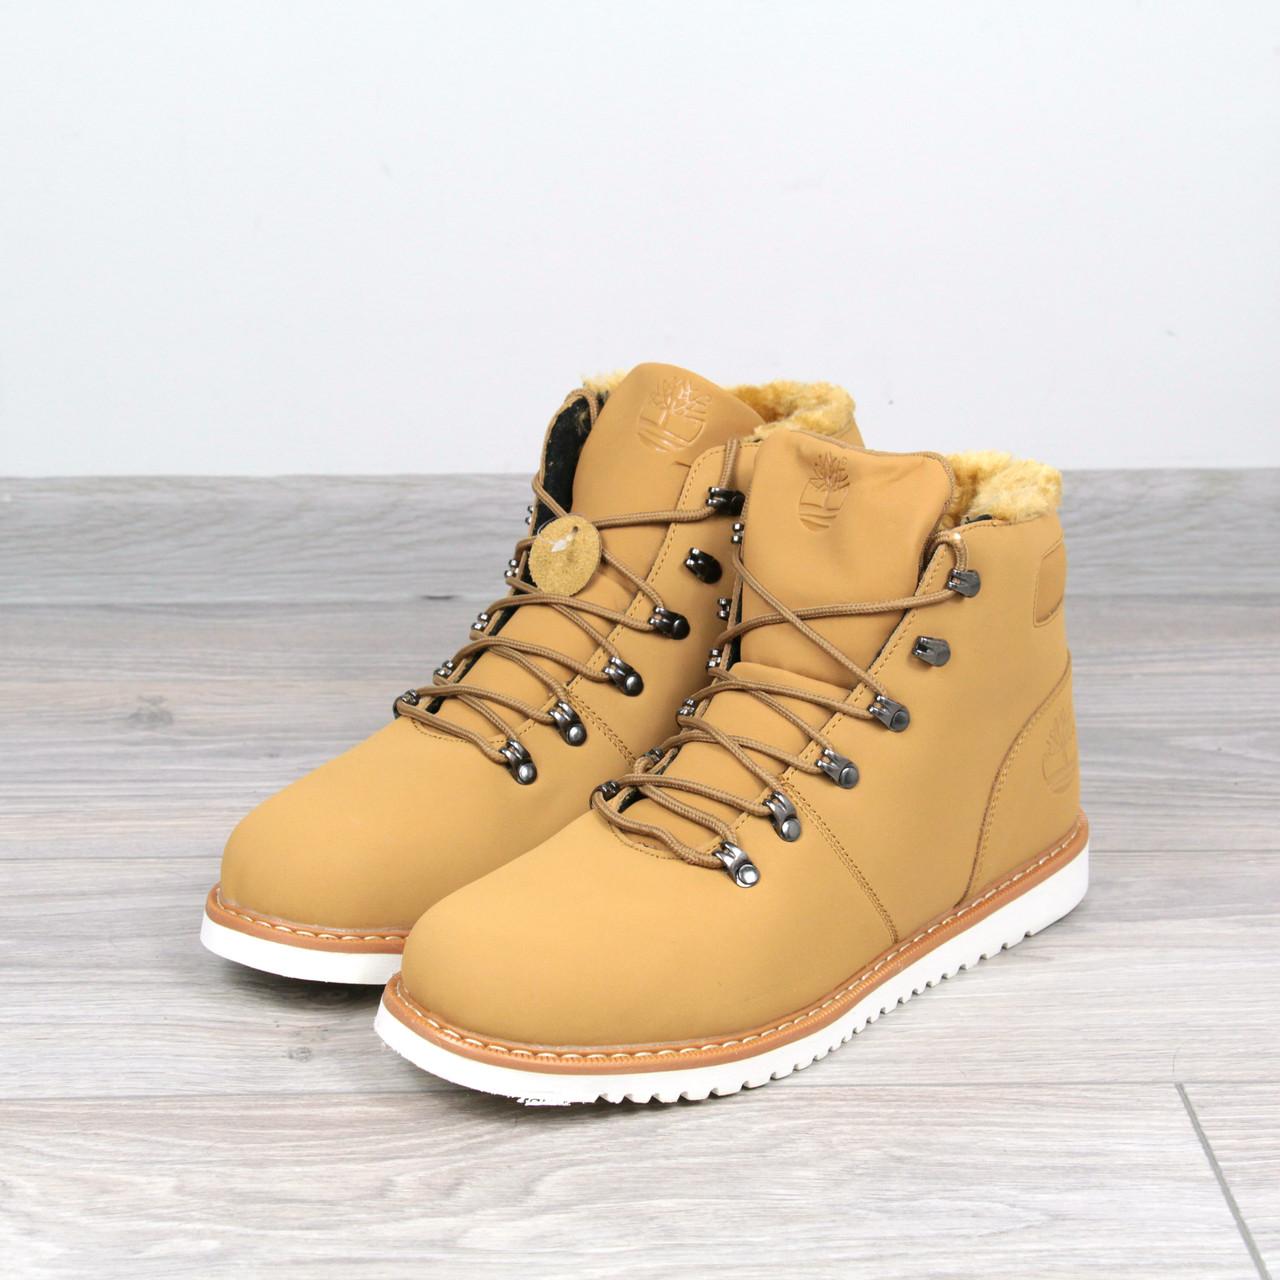 Ботинки Мужские зимние Timberland рыжие мех, зимняя обувь - Интернет-магазин